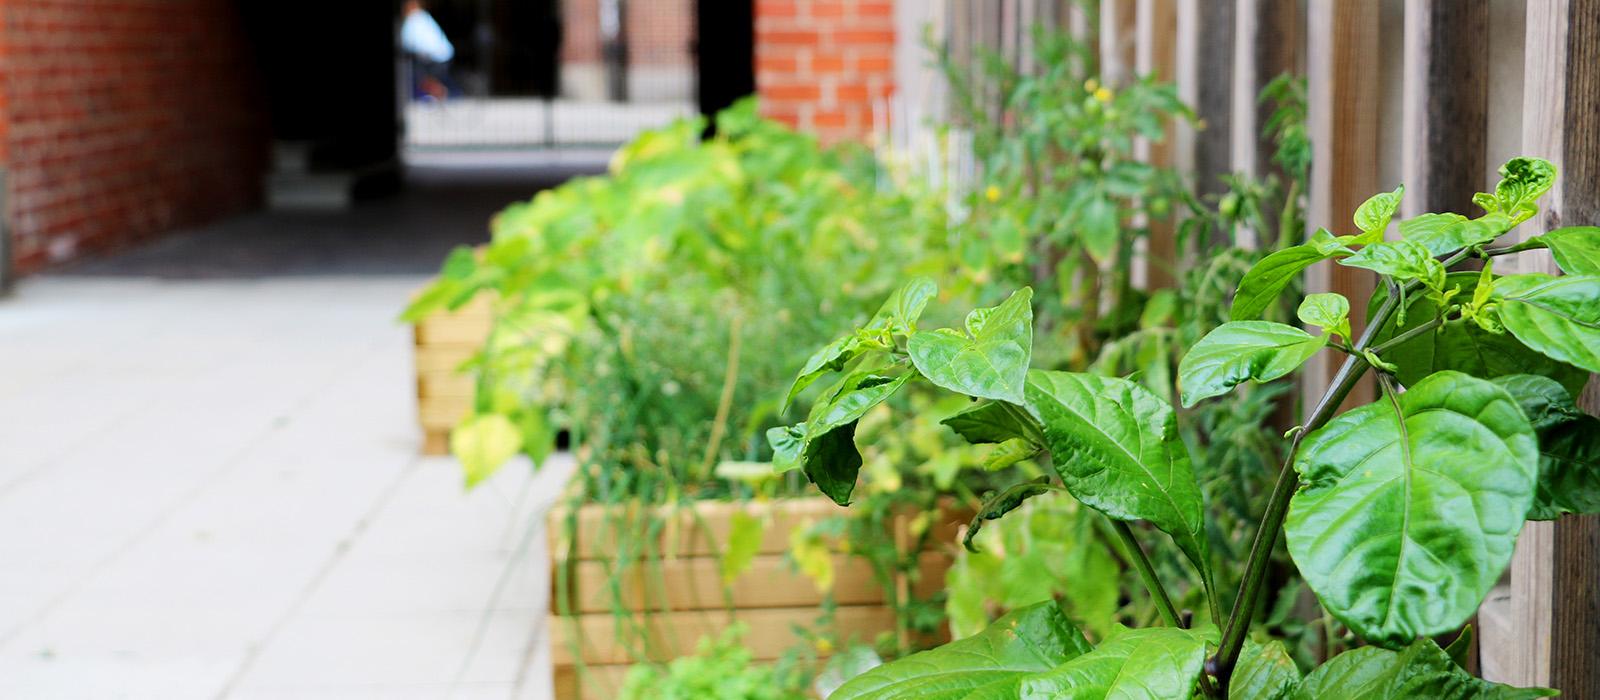 En pallkrage med gröna växter mot en husvägg